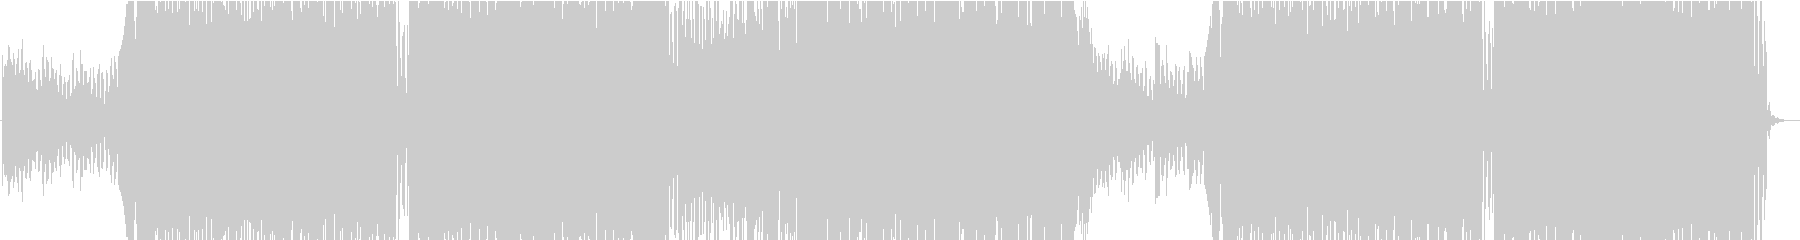 ゆったりとした明るいEDM_02の未再生の波形